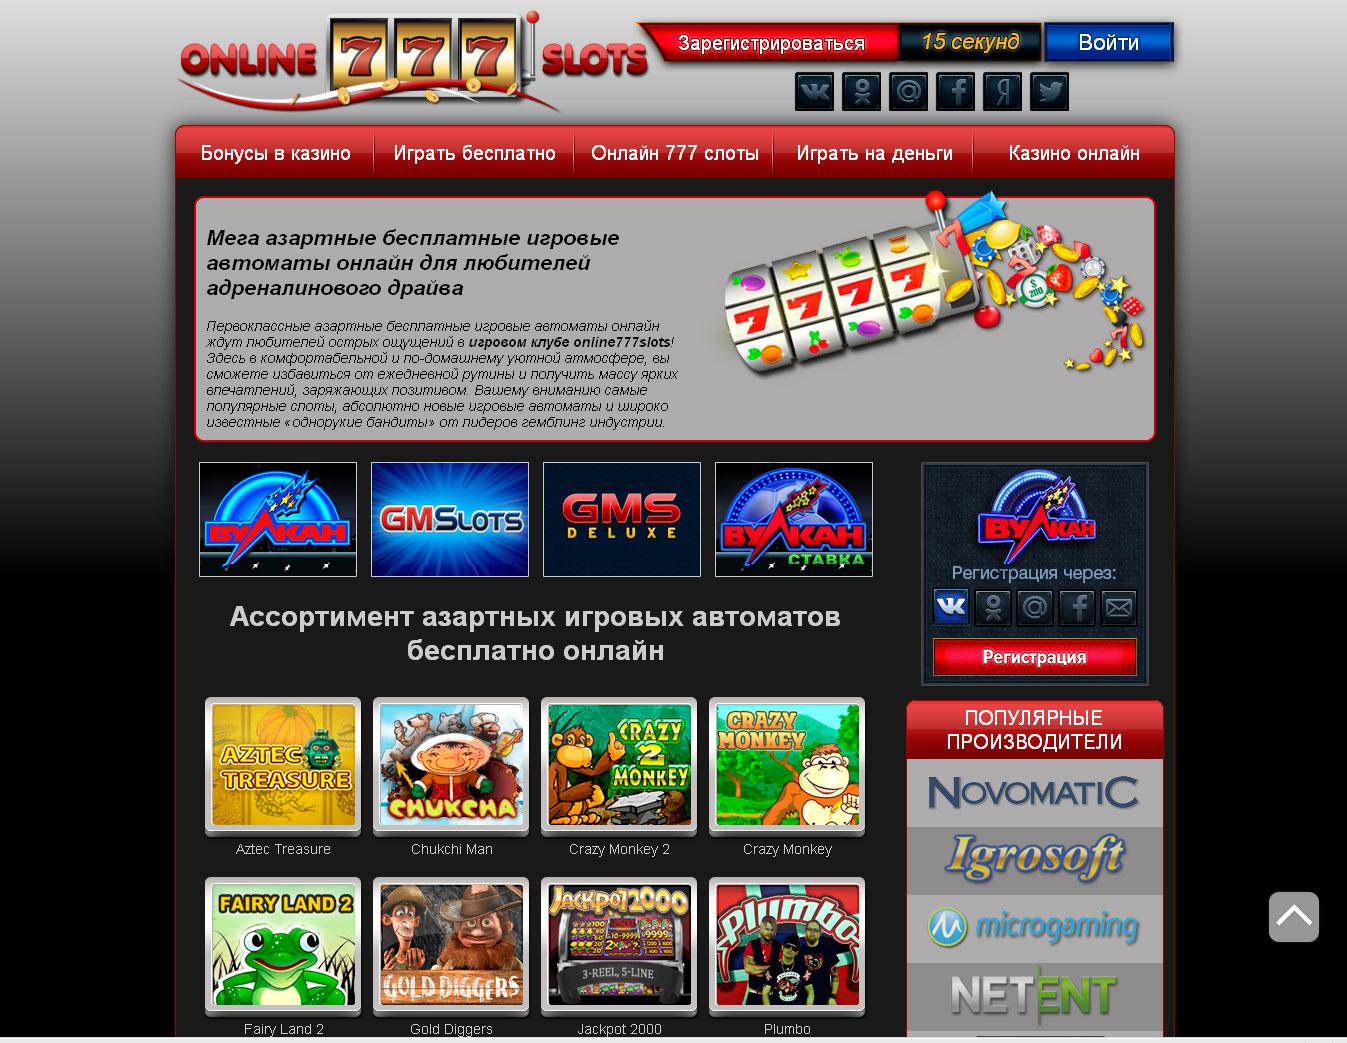 Ассортимент азартных игровых автоматов бесплатно онлайн